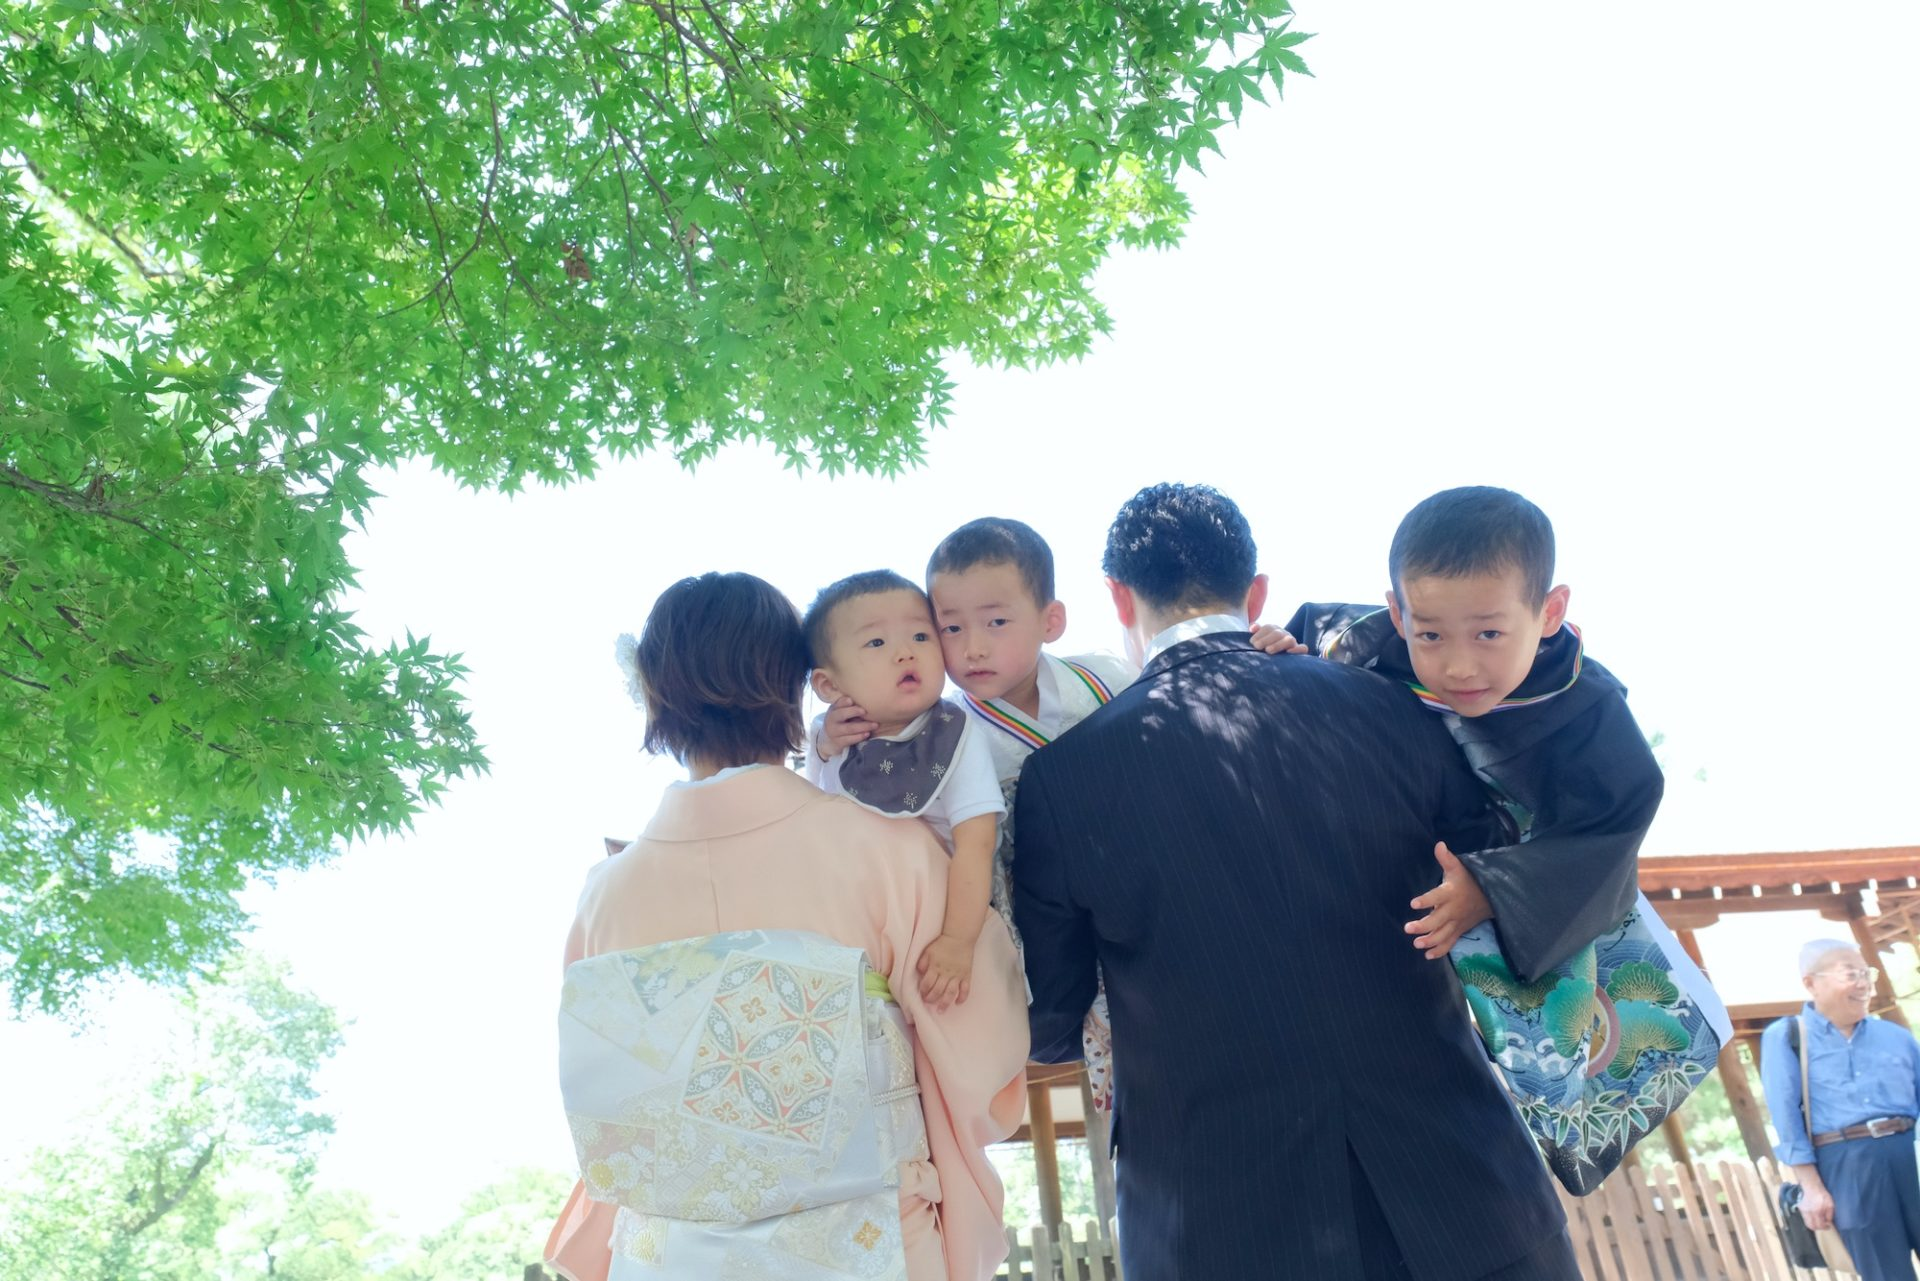 上賀茂神社の七五三